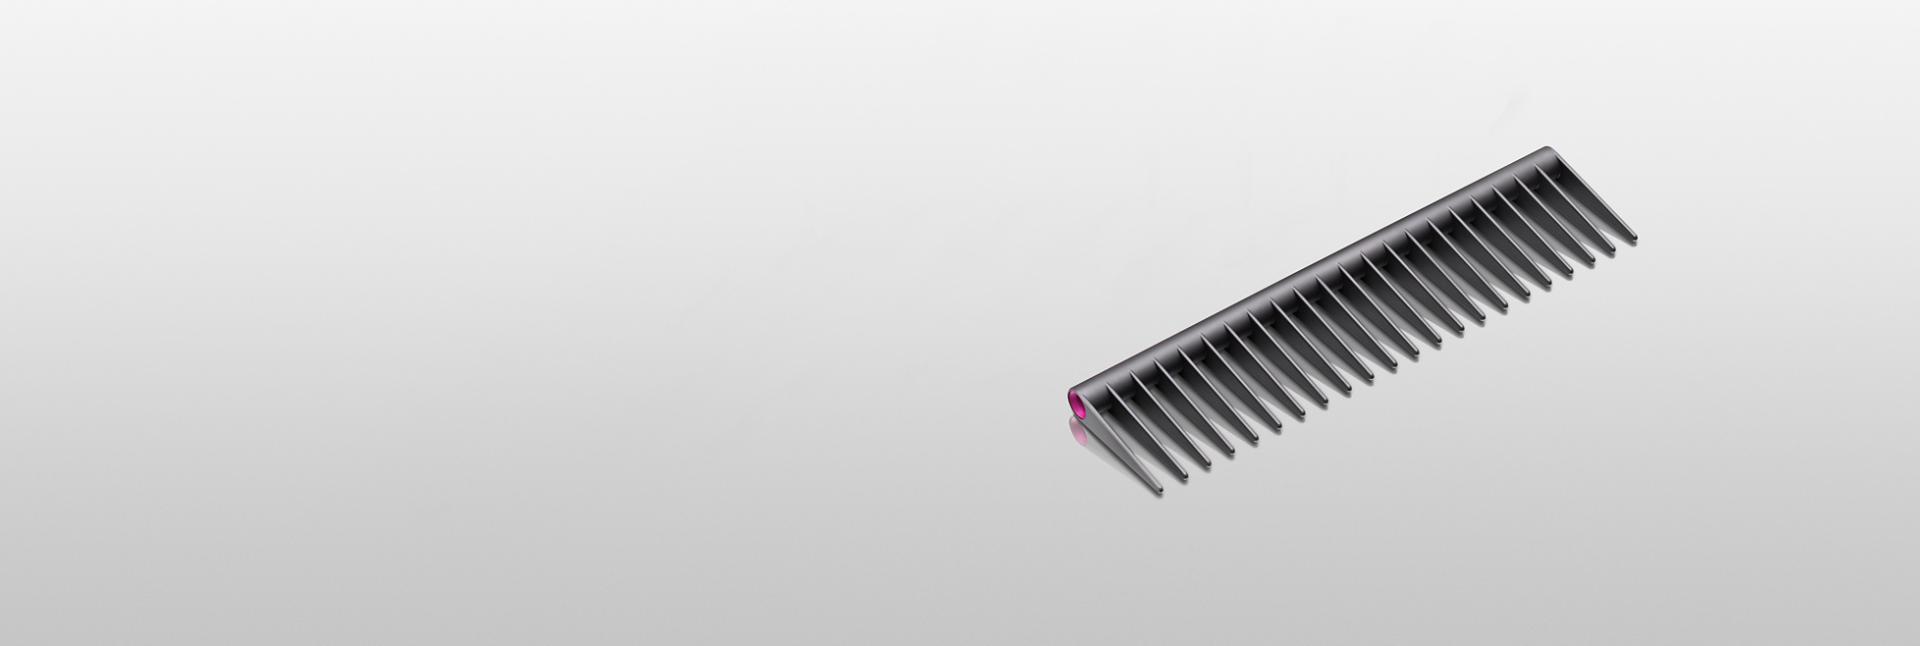 Dyson Paddle brush